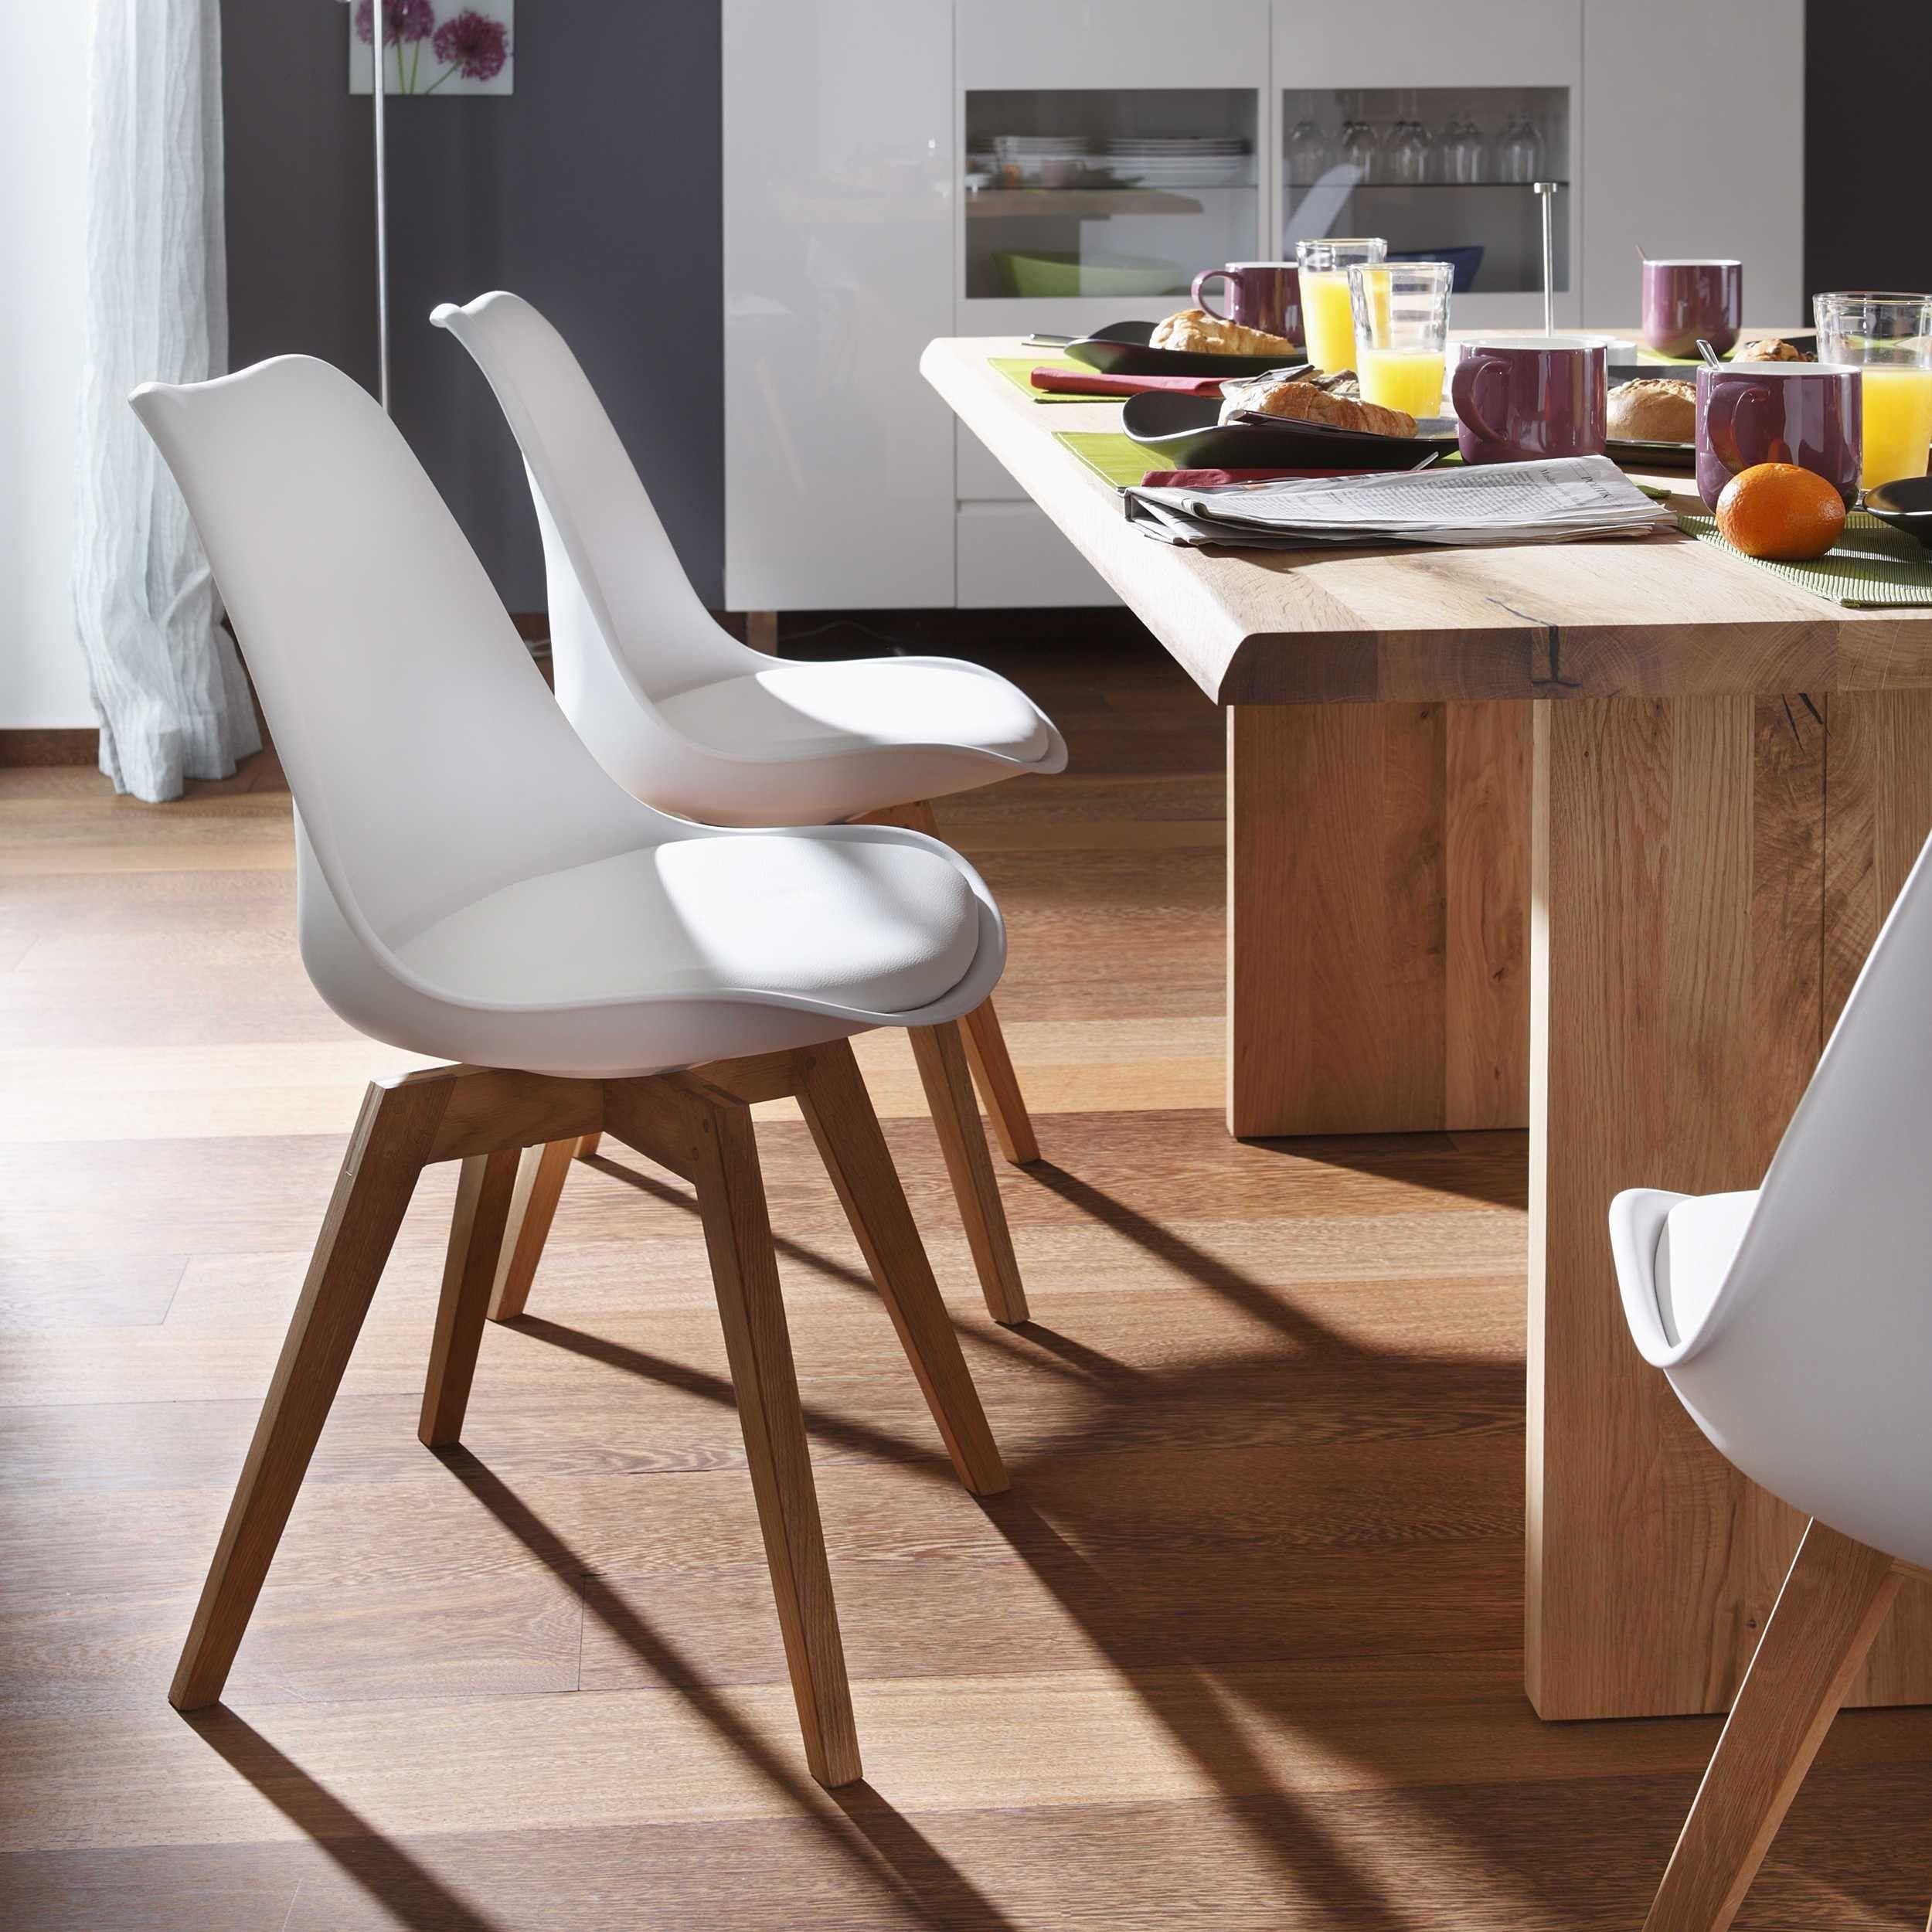 Designer Esszimmermöbel tenzo stuhl bess weiß 4 fuß stühle stühle freischwinger